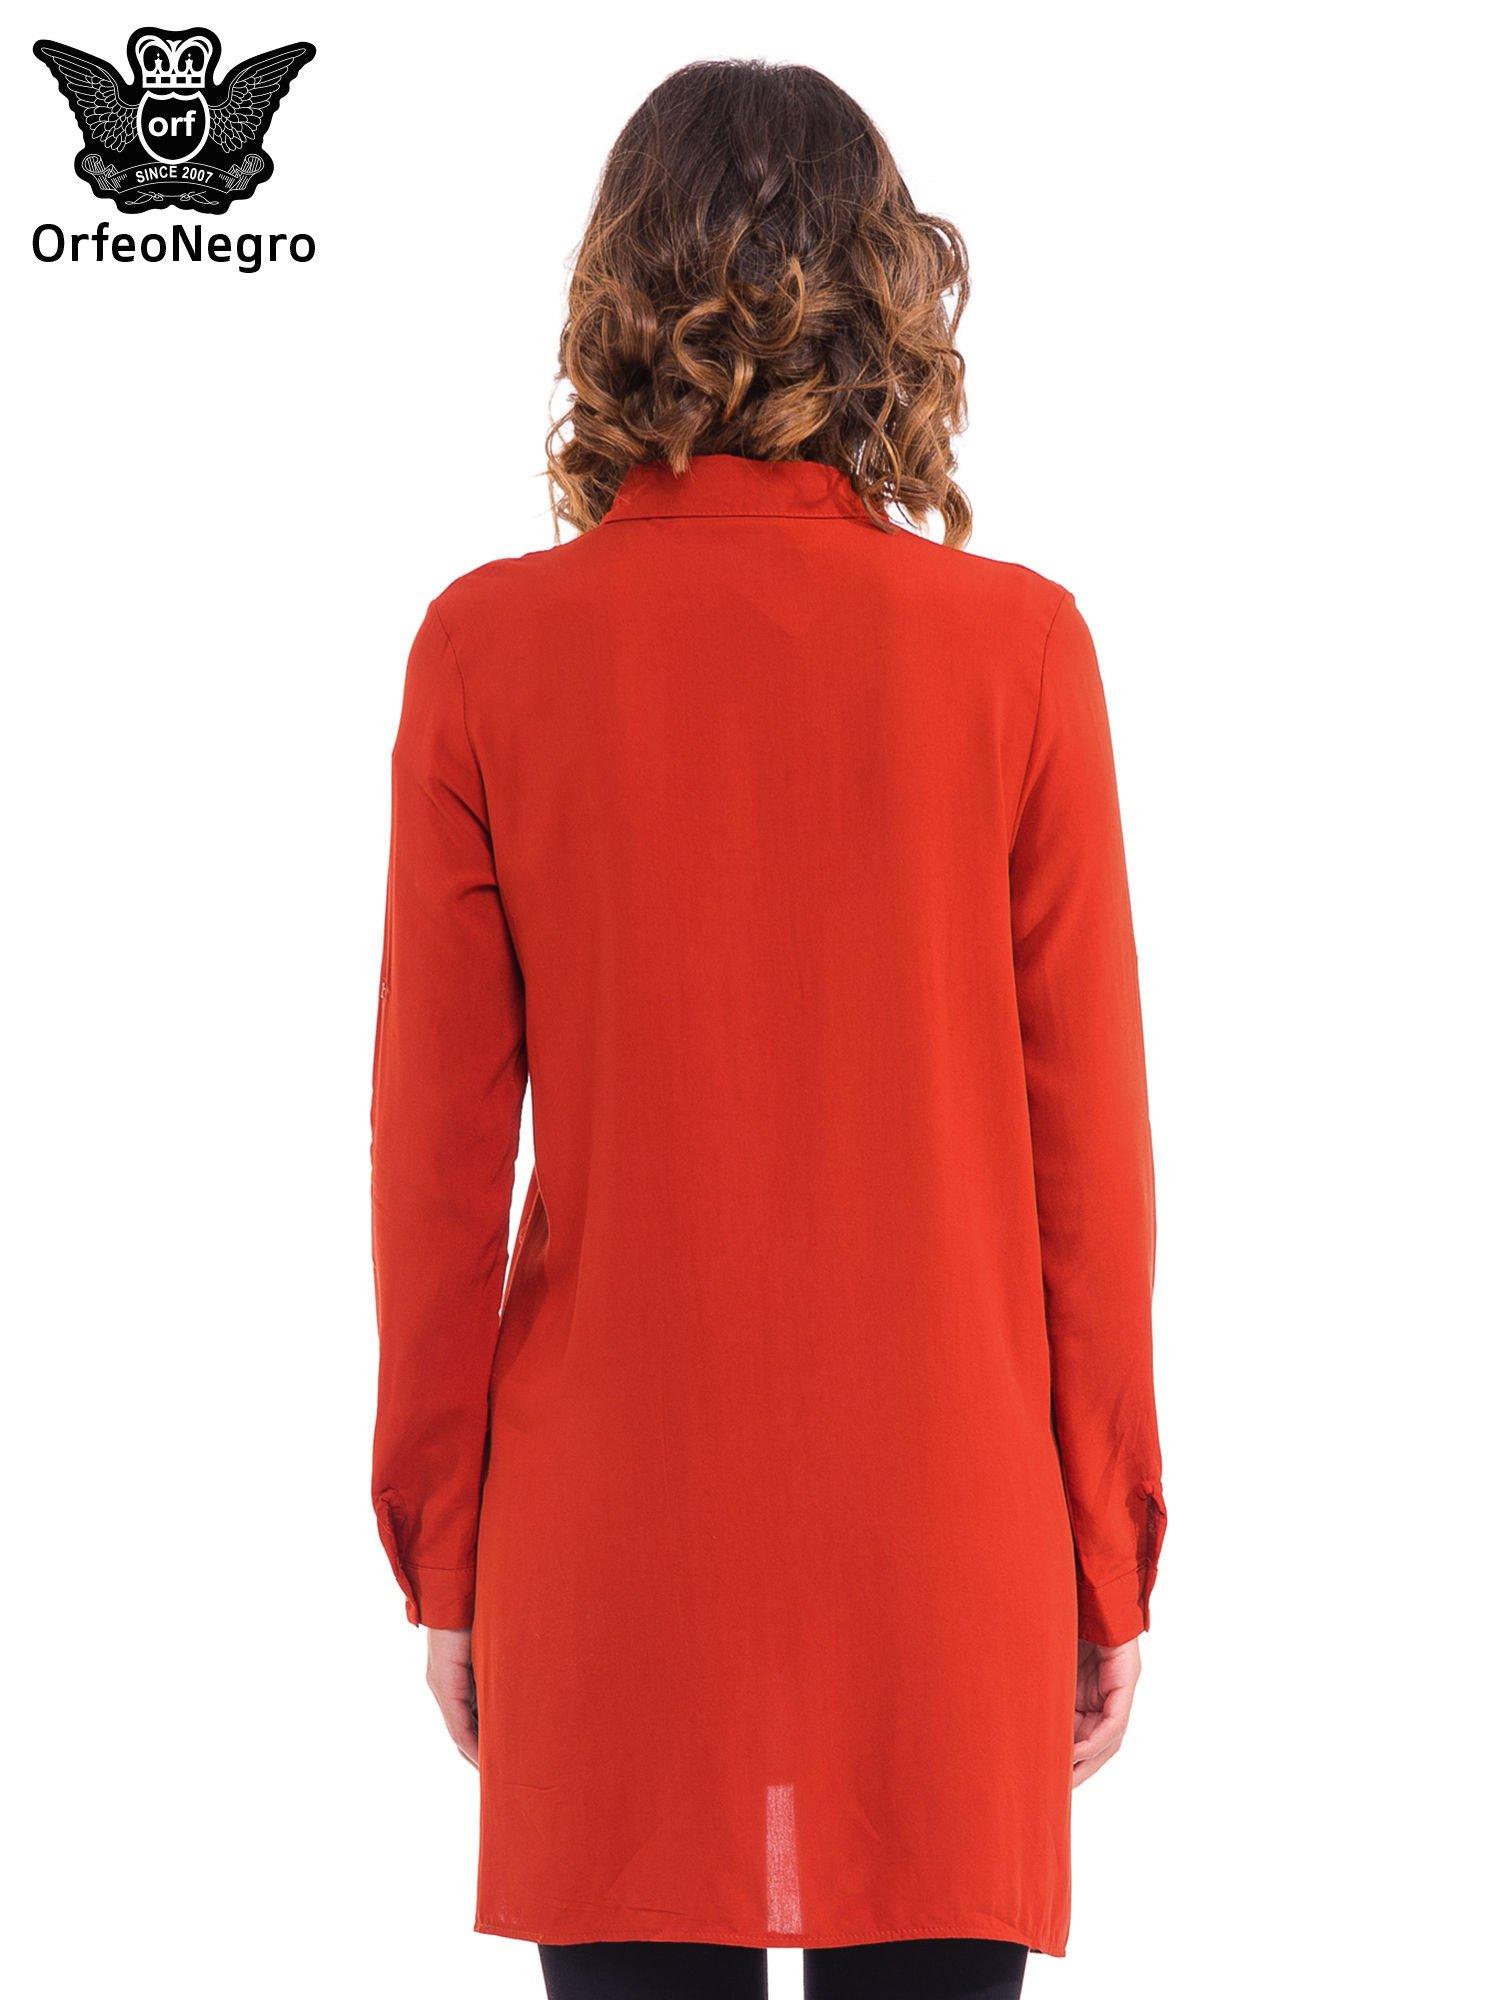 Czerwona koszulotunika z rozcięciami                                  zdj.                                  4